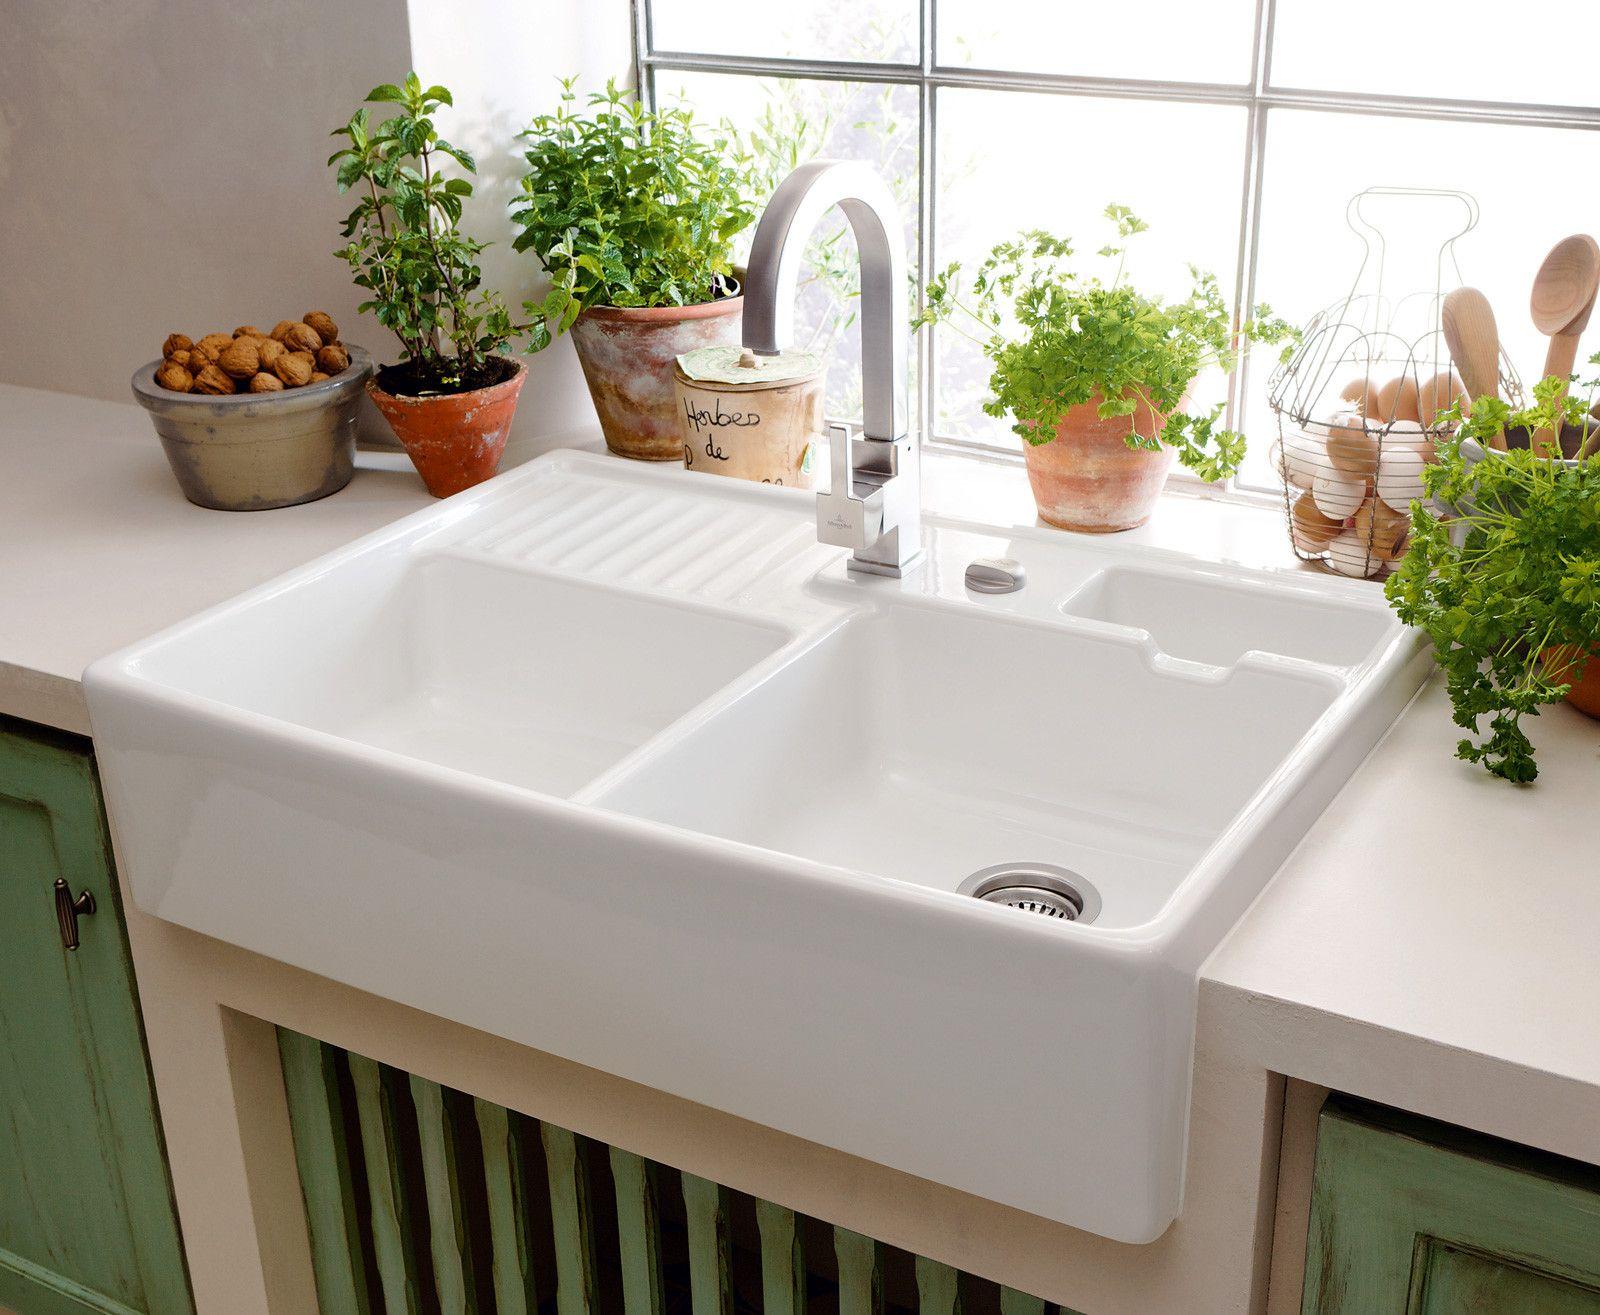 Leroy Merlin Mobili Da Balcone lavatoio esterno leroy merlin arredamento e decorazioni per